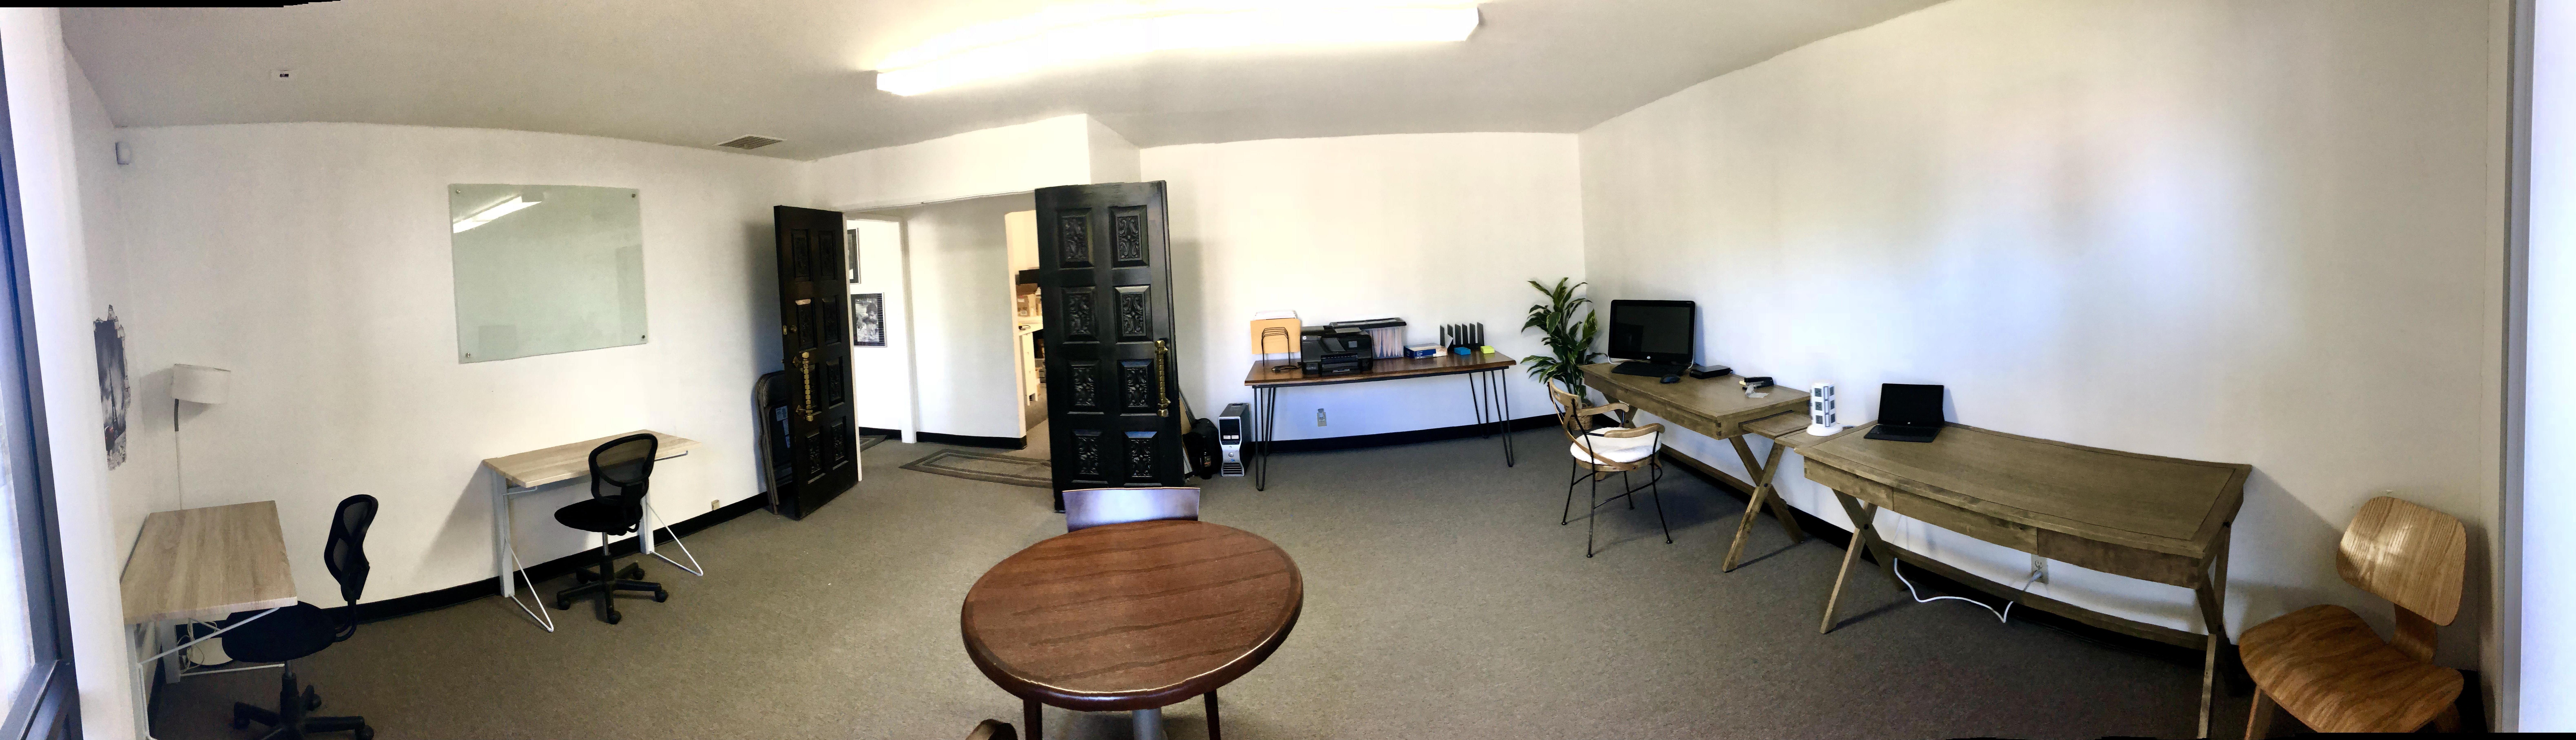 Edward Office Space - Edward Drop in Desk